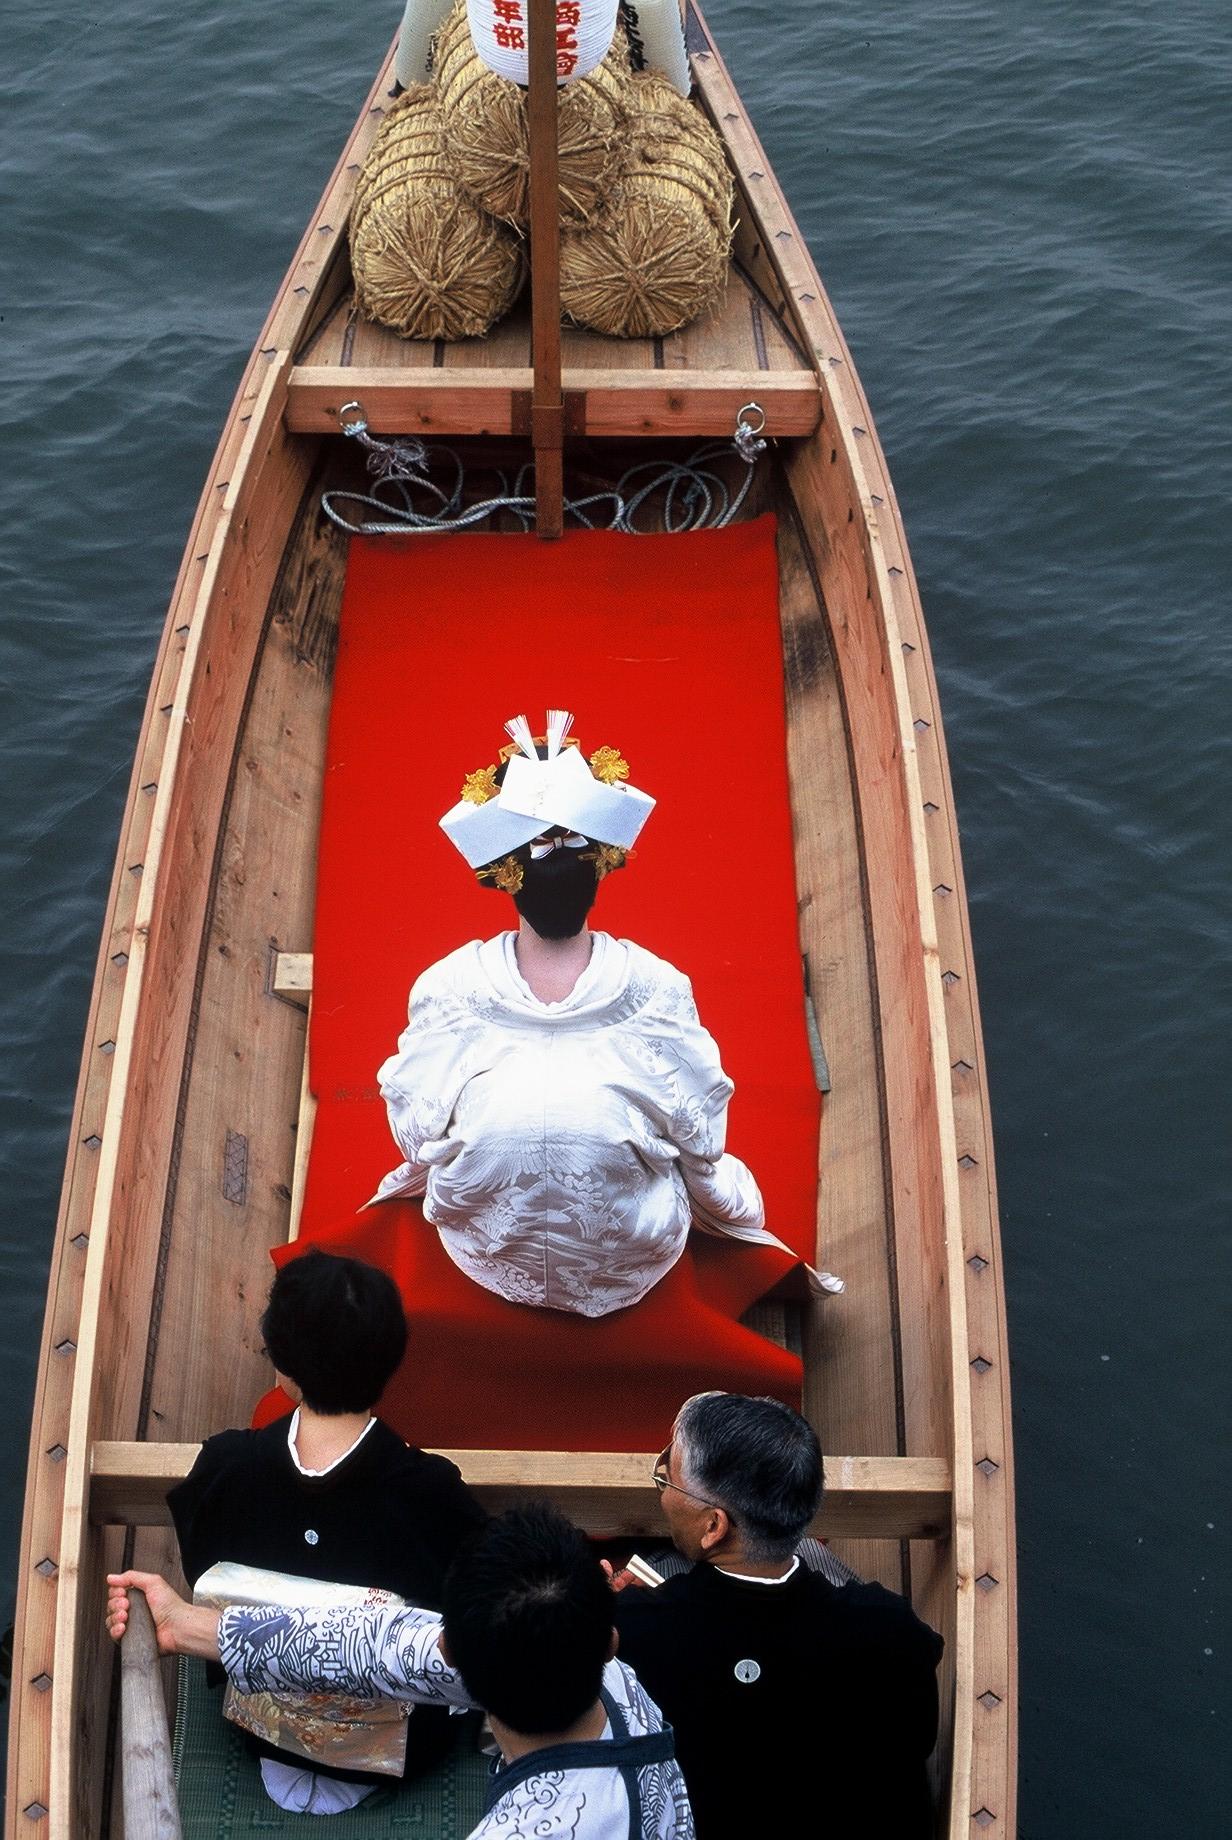 嫁入り舟4